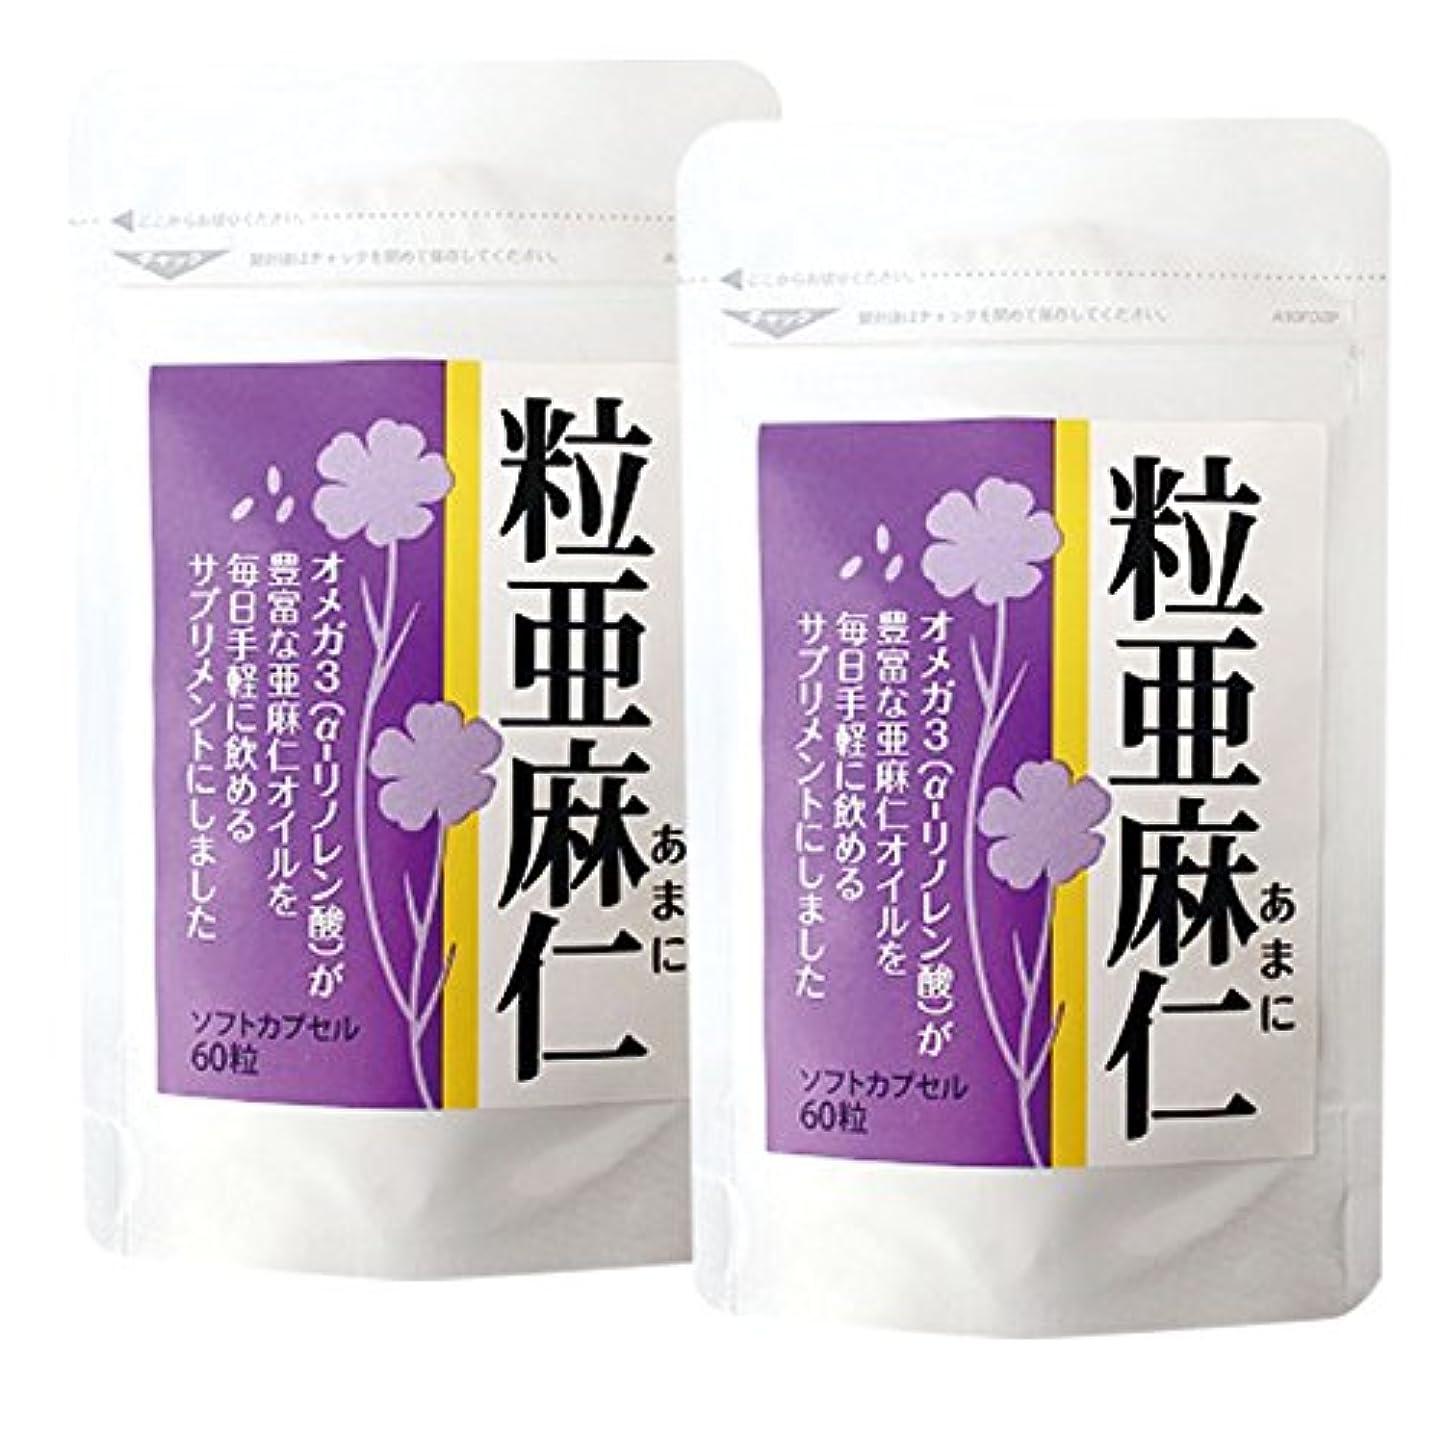 ブリーフケースガジュマル過敏な粒亜麻仁(60粒)×2袋セット